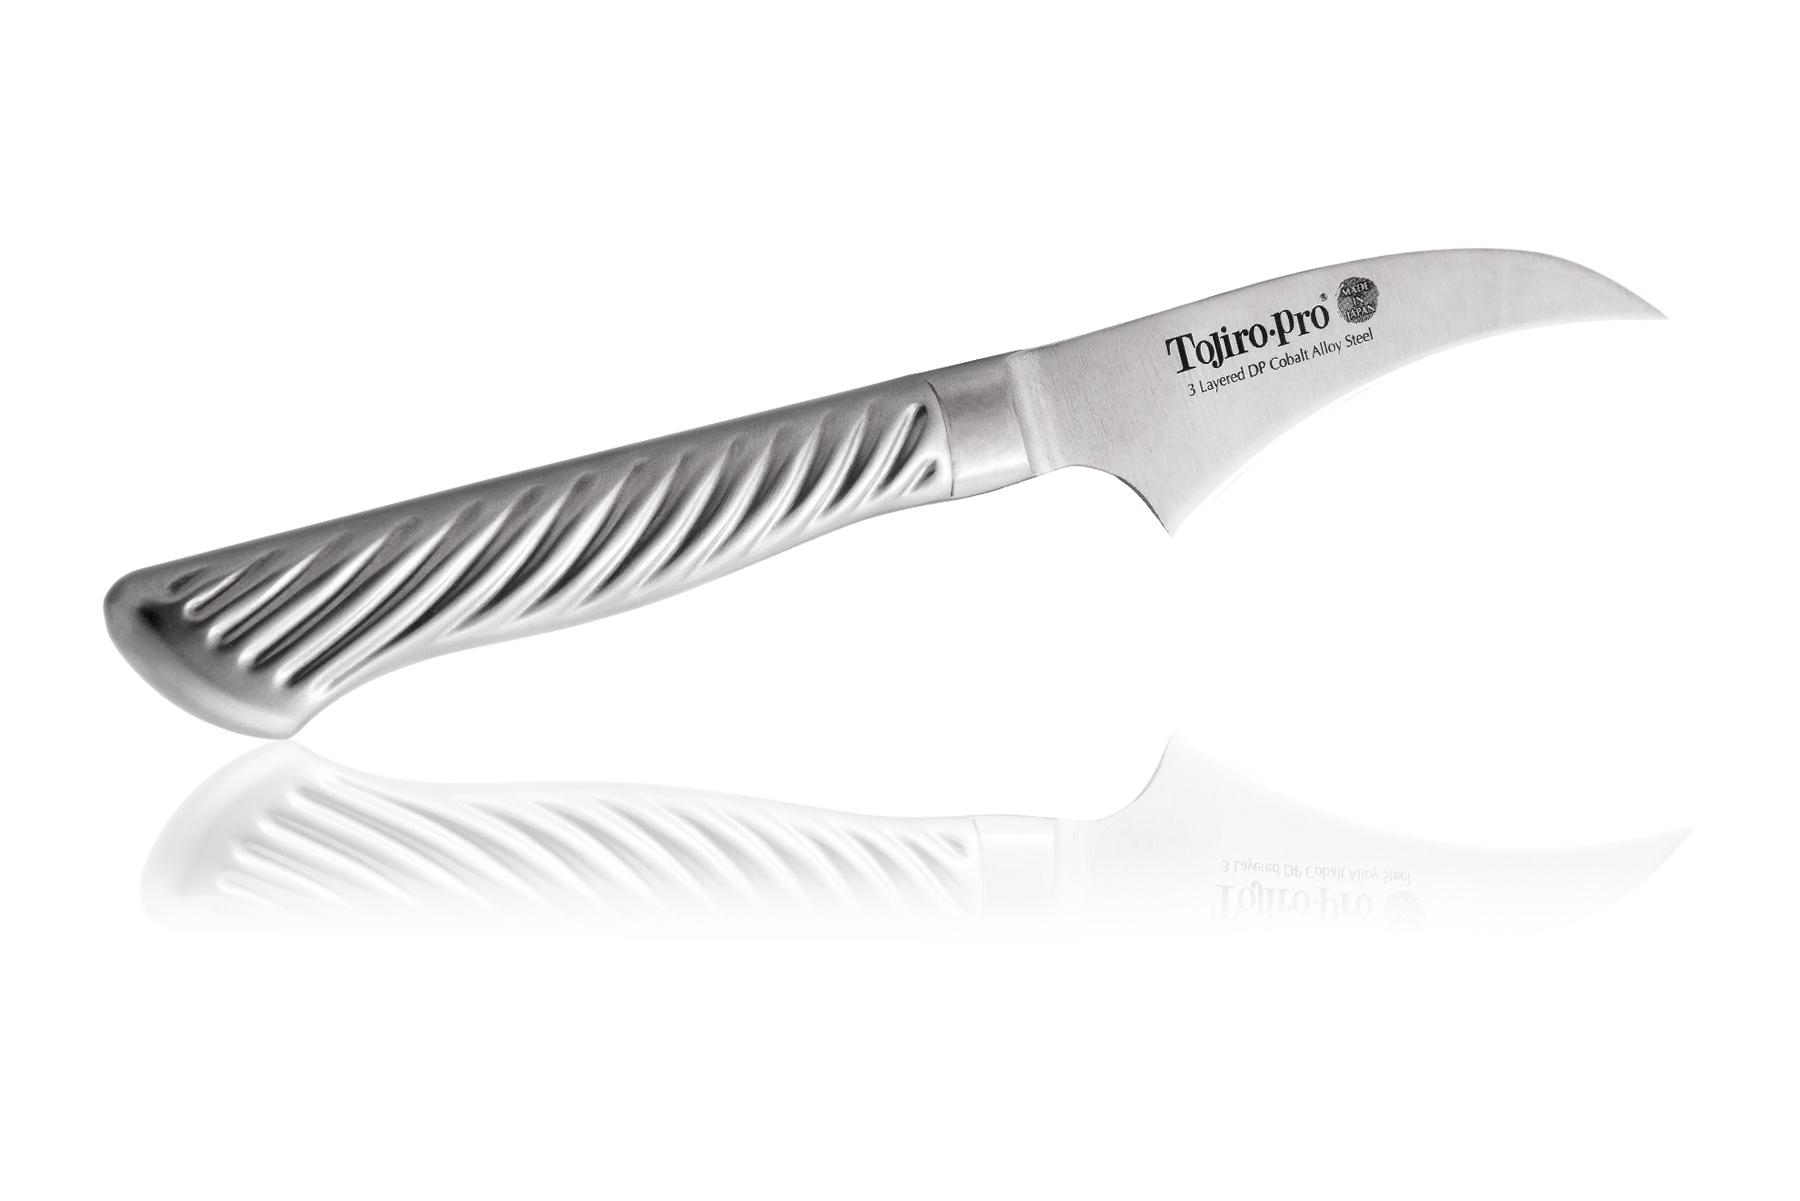 Нож кухонный стальной овощной (70мм) Tojiro PRO F-843Tojiro PRO Series<br>Нож кухонный стальной овощной (70мм) Tojiro PRO F-843<br><br>Самая популярная среди профессионалов серия ножей Tojiro Pro. Клинок изготовлен по трехслойной технологии, как знаменитые катаны. Сердцевина клинка - твердая и прочная - обеспечивает остроту и износостойкость, покрыта обкладками из более пластичной нержавеющей стали, которые не позволяют клинку сломаться.<br>Рукоятка ножей серии Tojiro Pro покрыта специальным микропокрытием, которое не позволяет ножу выскользнуть, даже если вы работаете по локоть в масле, а если вы забыли сразу помыть свой нож, антибактериальное покрытие не даст развиваться на его поверхности болезнетворным бактериям.<br>Официальный сертифицированный продавец TOJIRO<br>